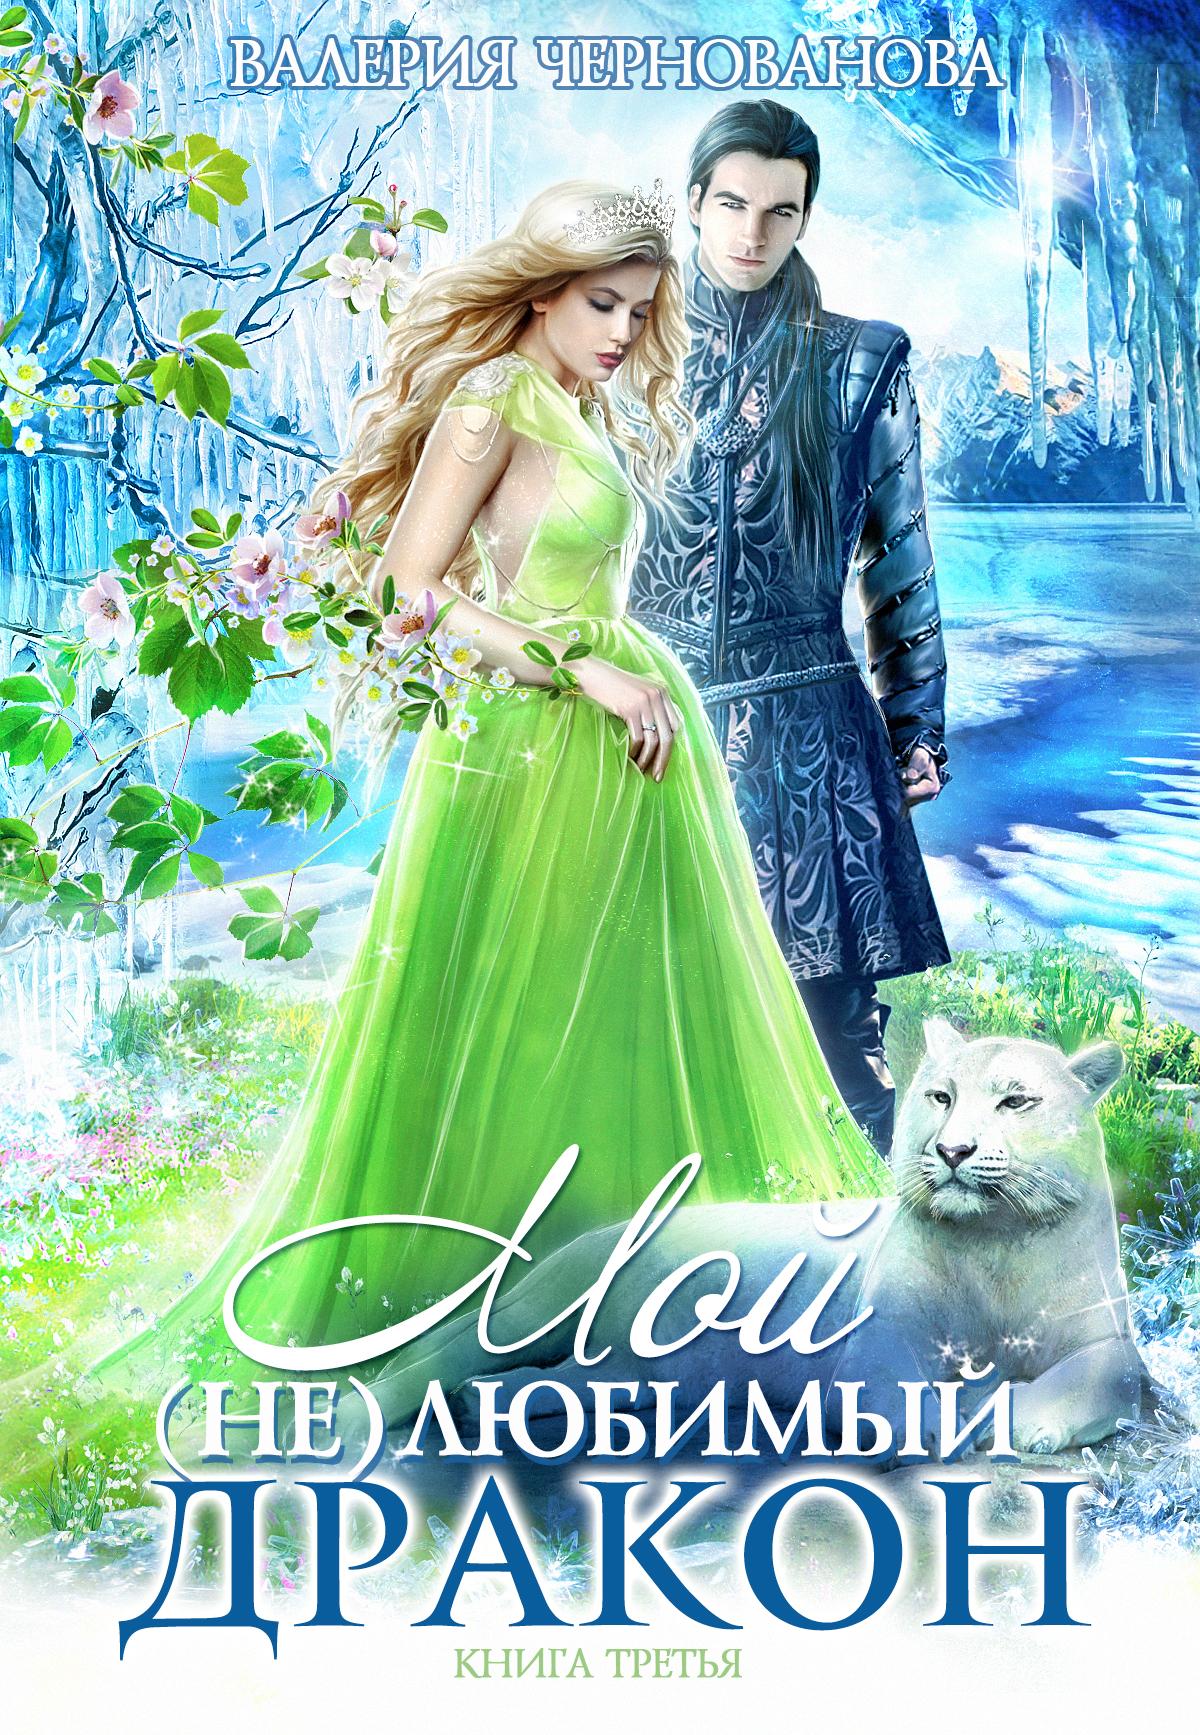 Купить книгу Мой (не)любимый дракон. Оковы для ари, автора Валерии Черновановой